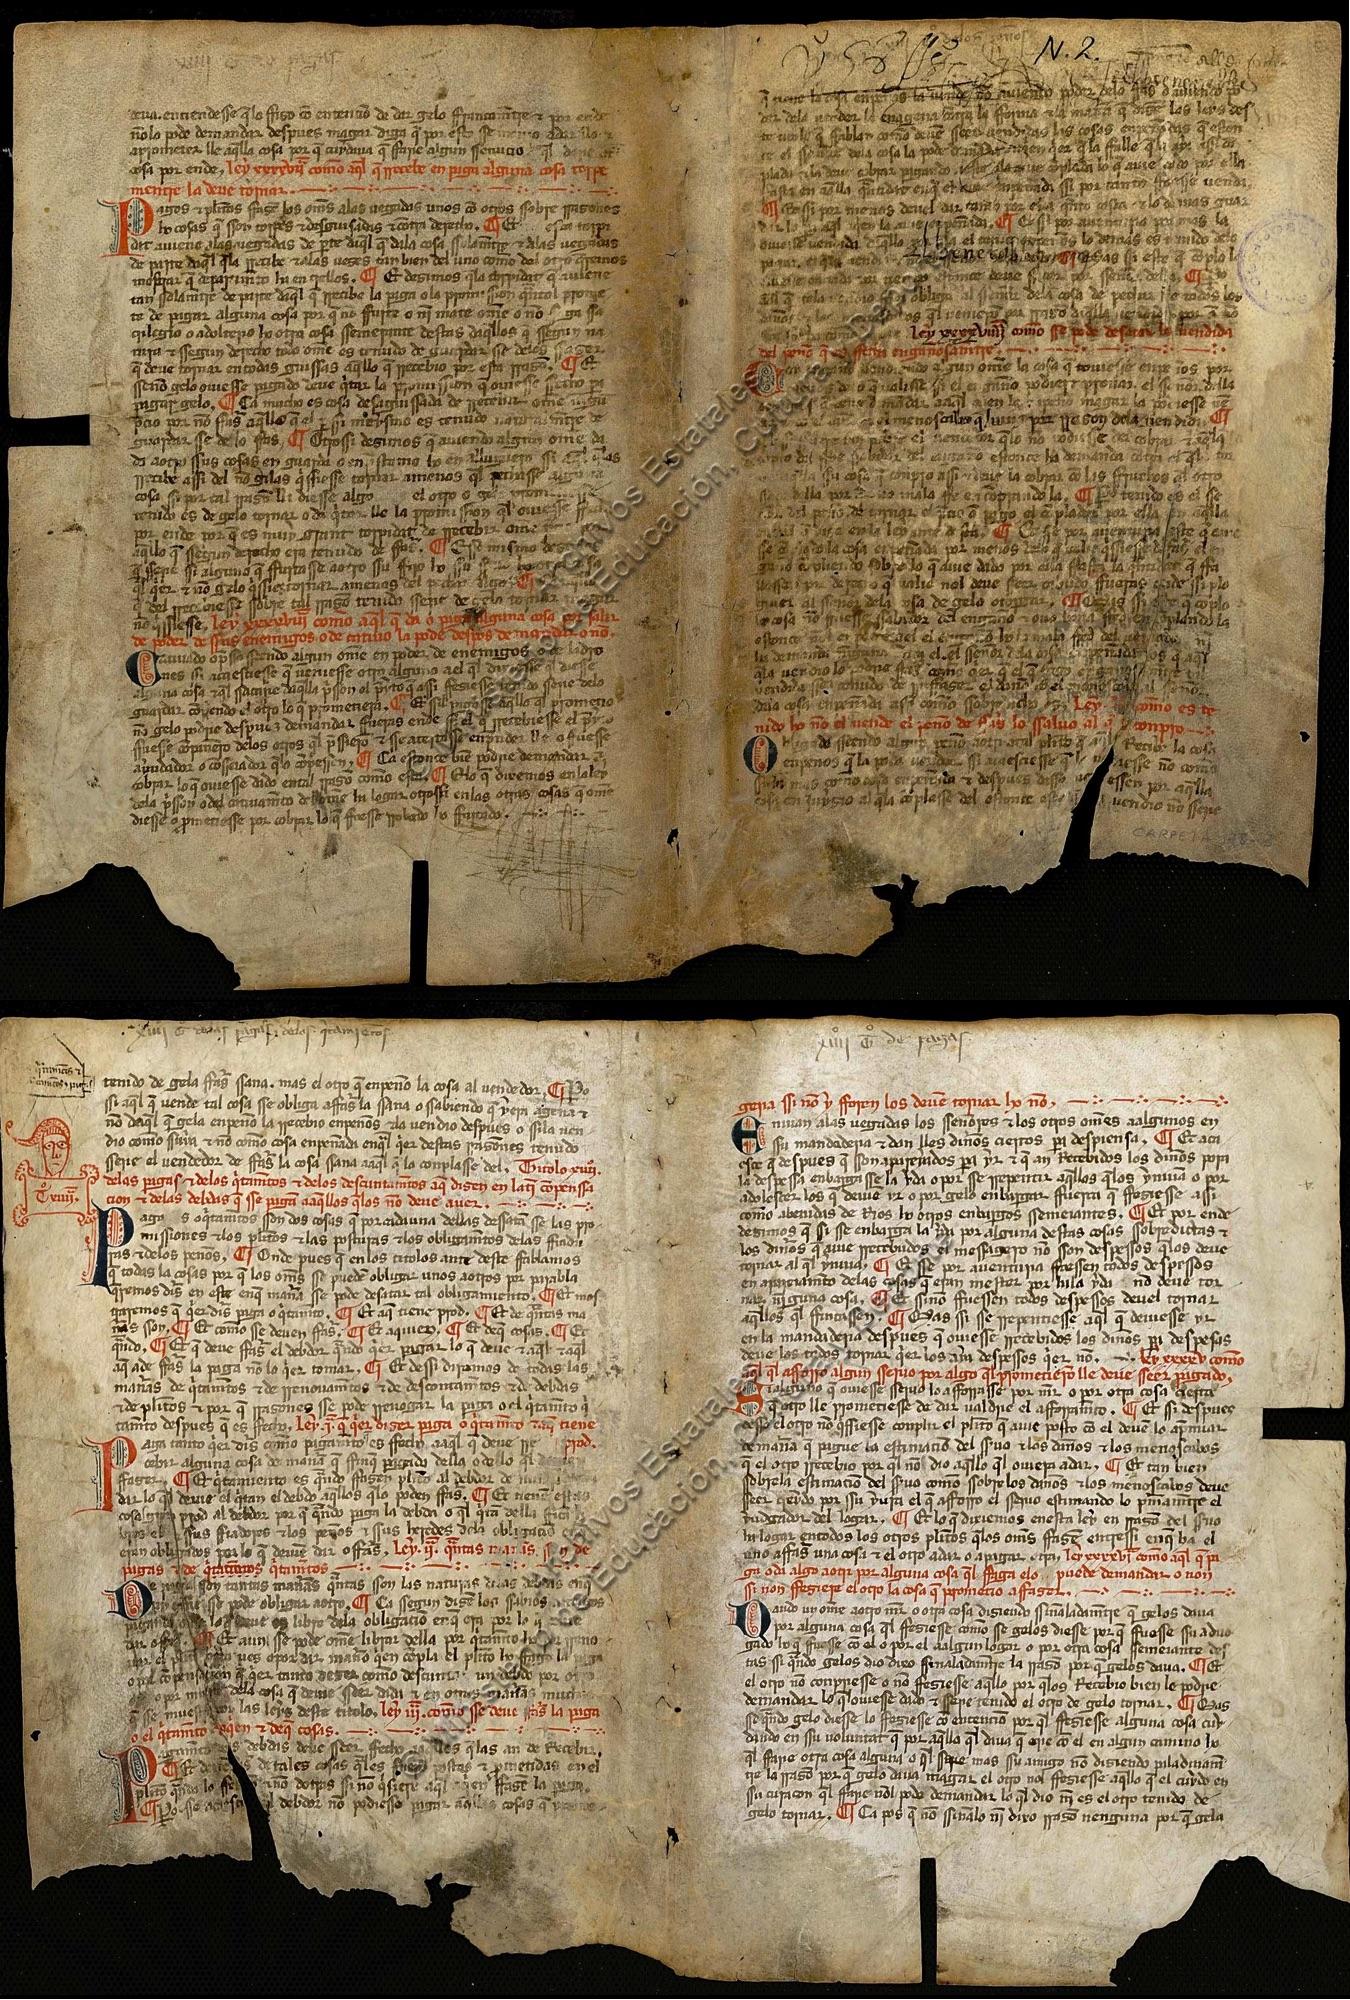 ARCHVa, Pergaminos 178-3 (VA3)